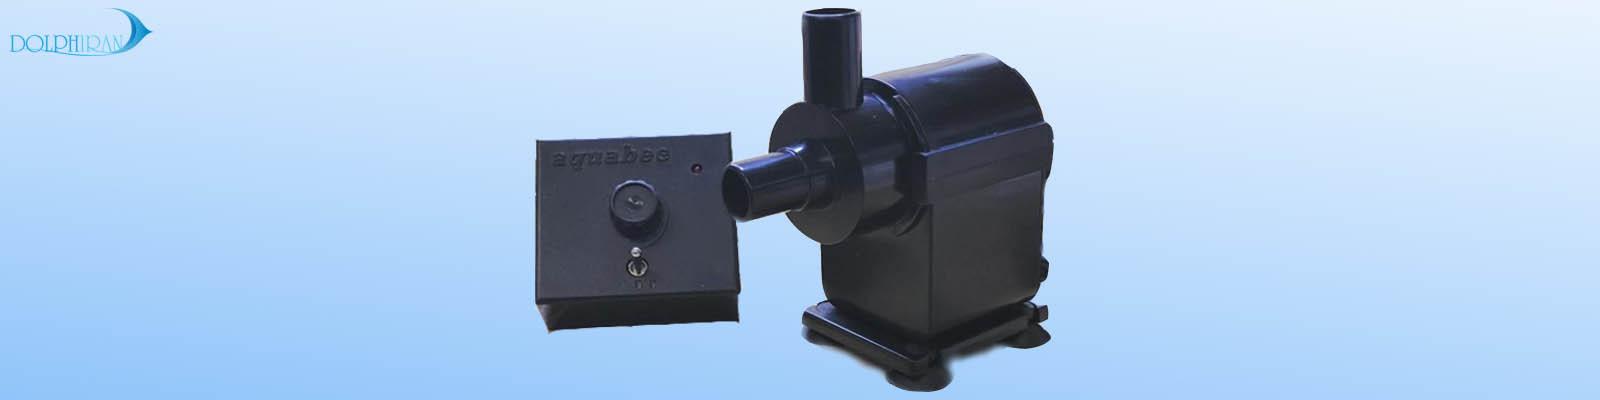 پمپ های کوچک و قابل کنترل AquaBee مدل  up 1000 V24بزودی به بازار می آیند